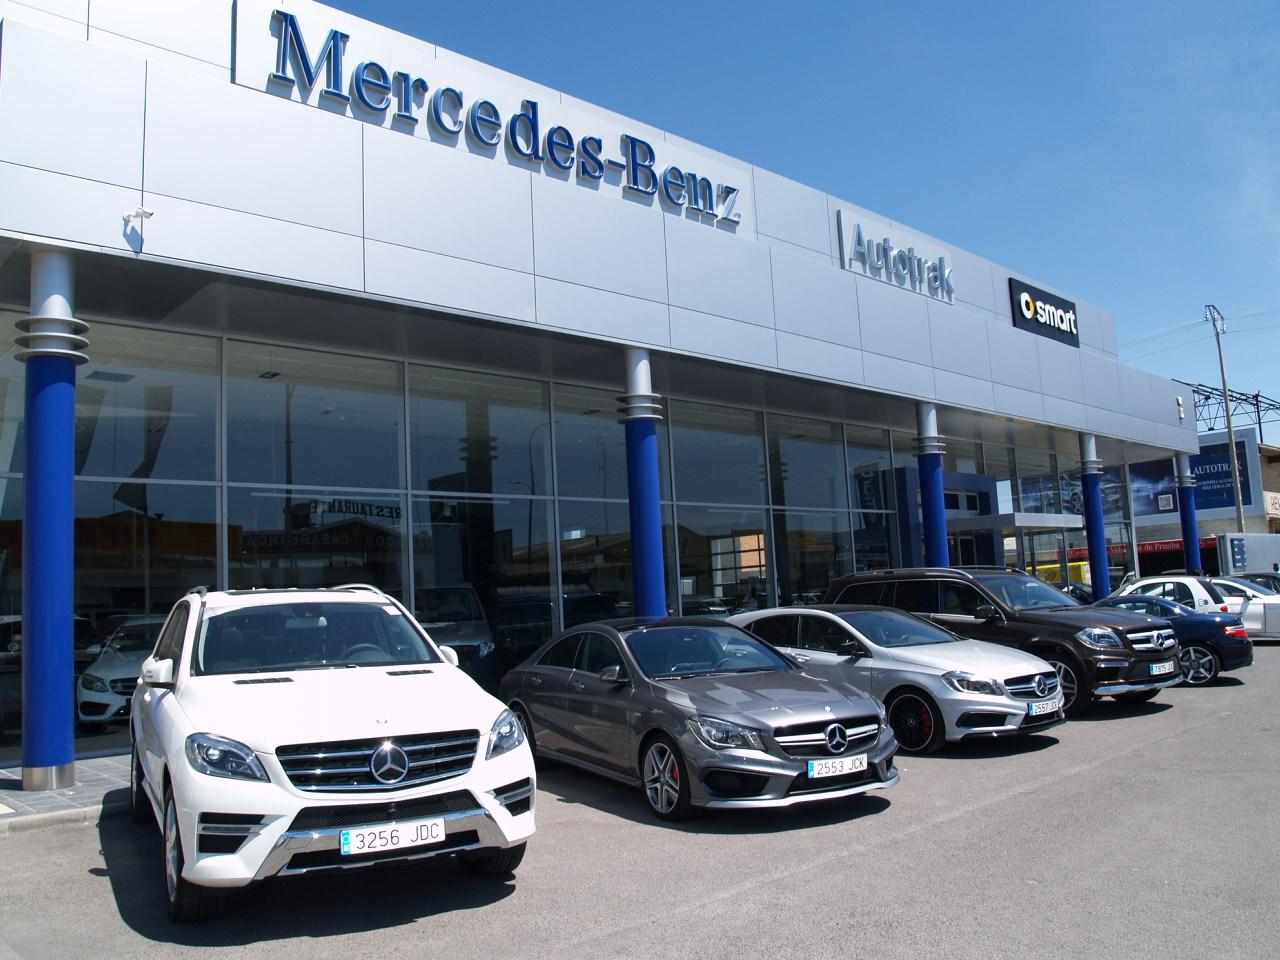 La caravana Dream Cars vuelve a Ciudad Real de la mano de Autotrack